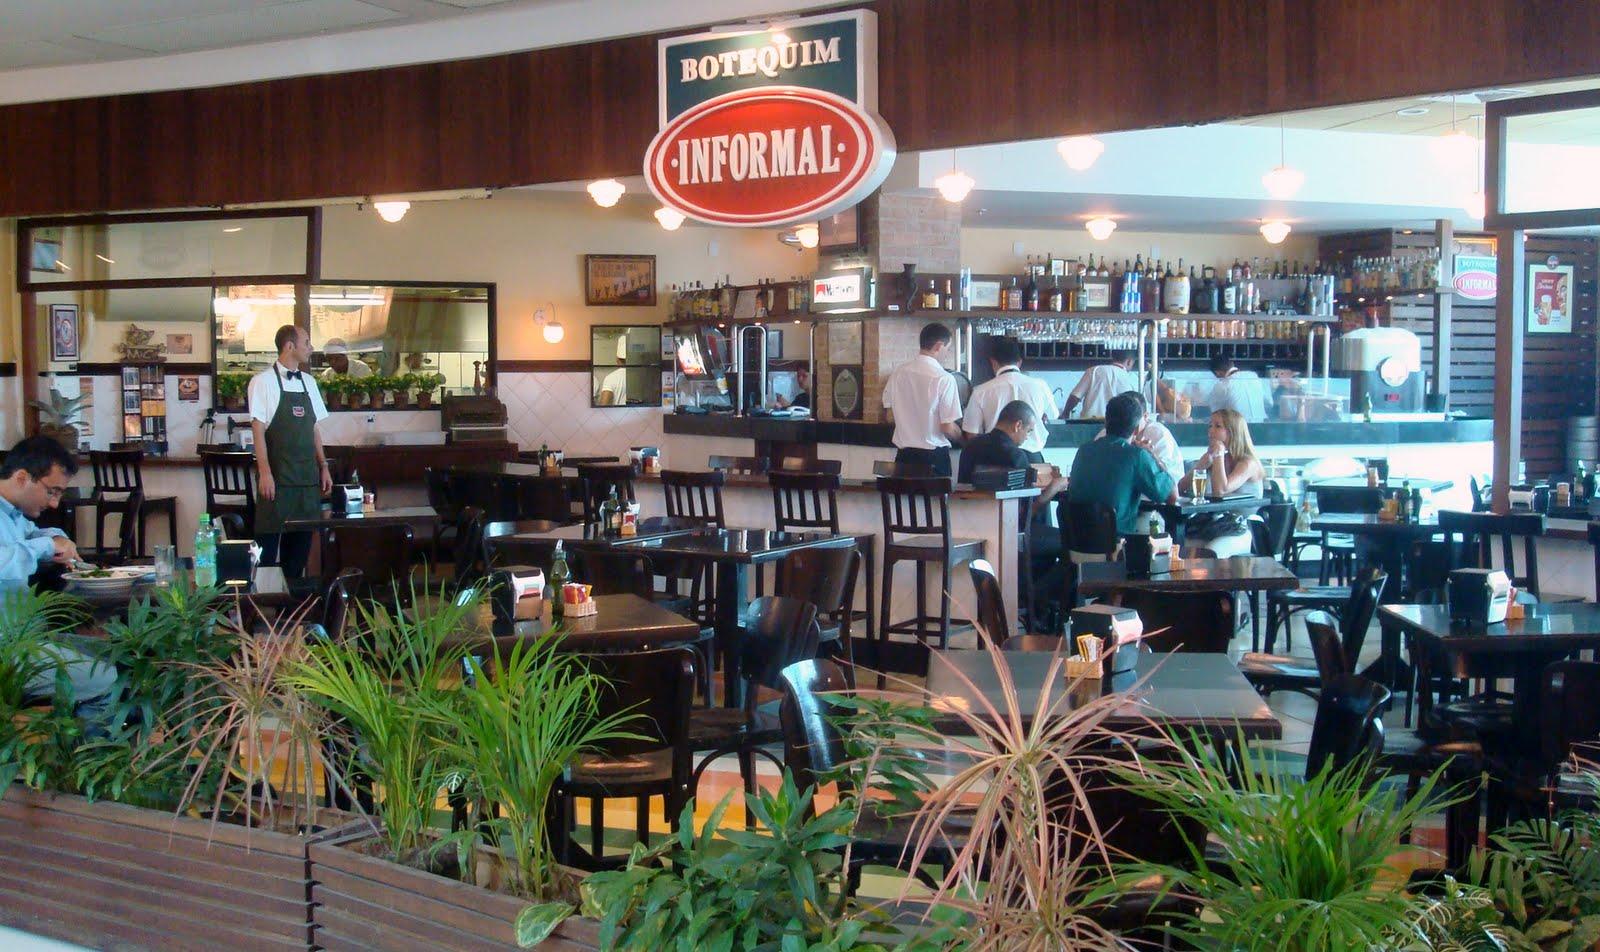 Botequim Informal Rio De Janeiro Restaurantes Cafes  # Muebles Leblon Cordoba